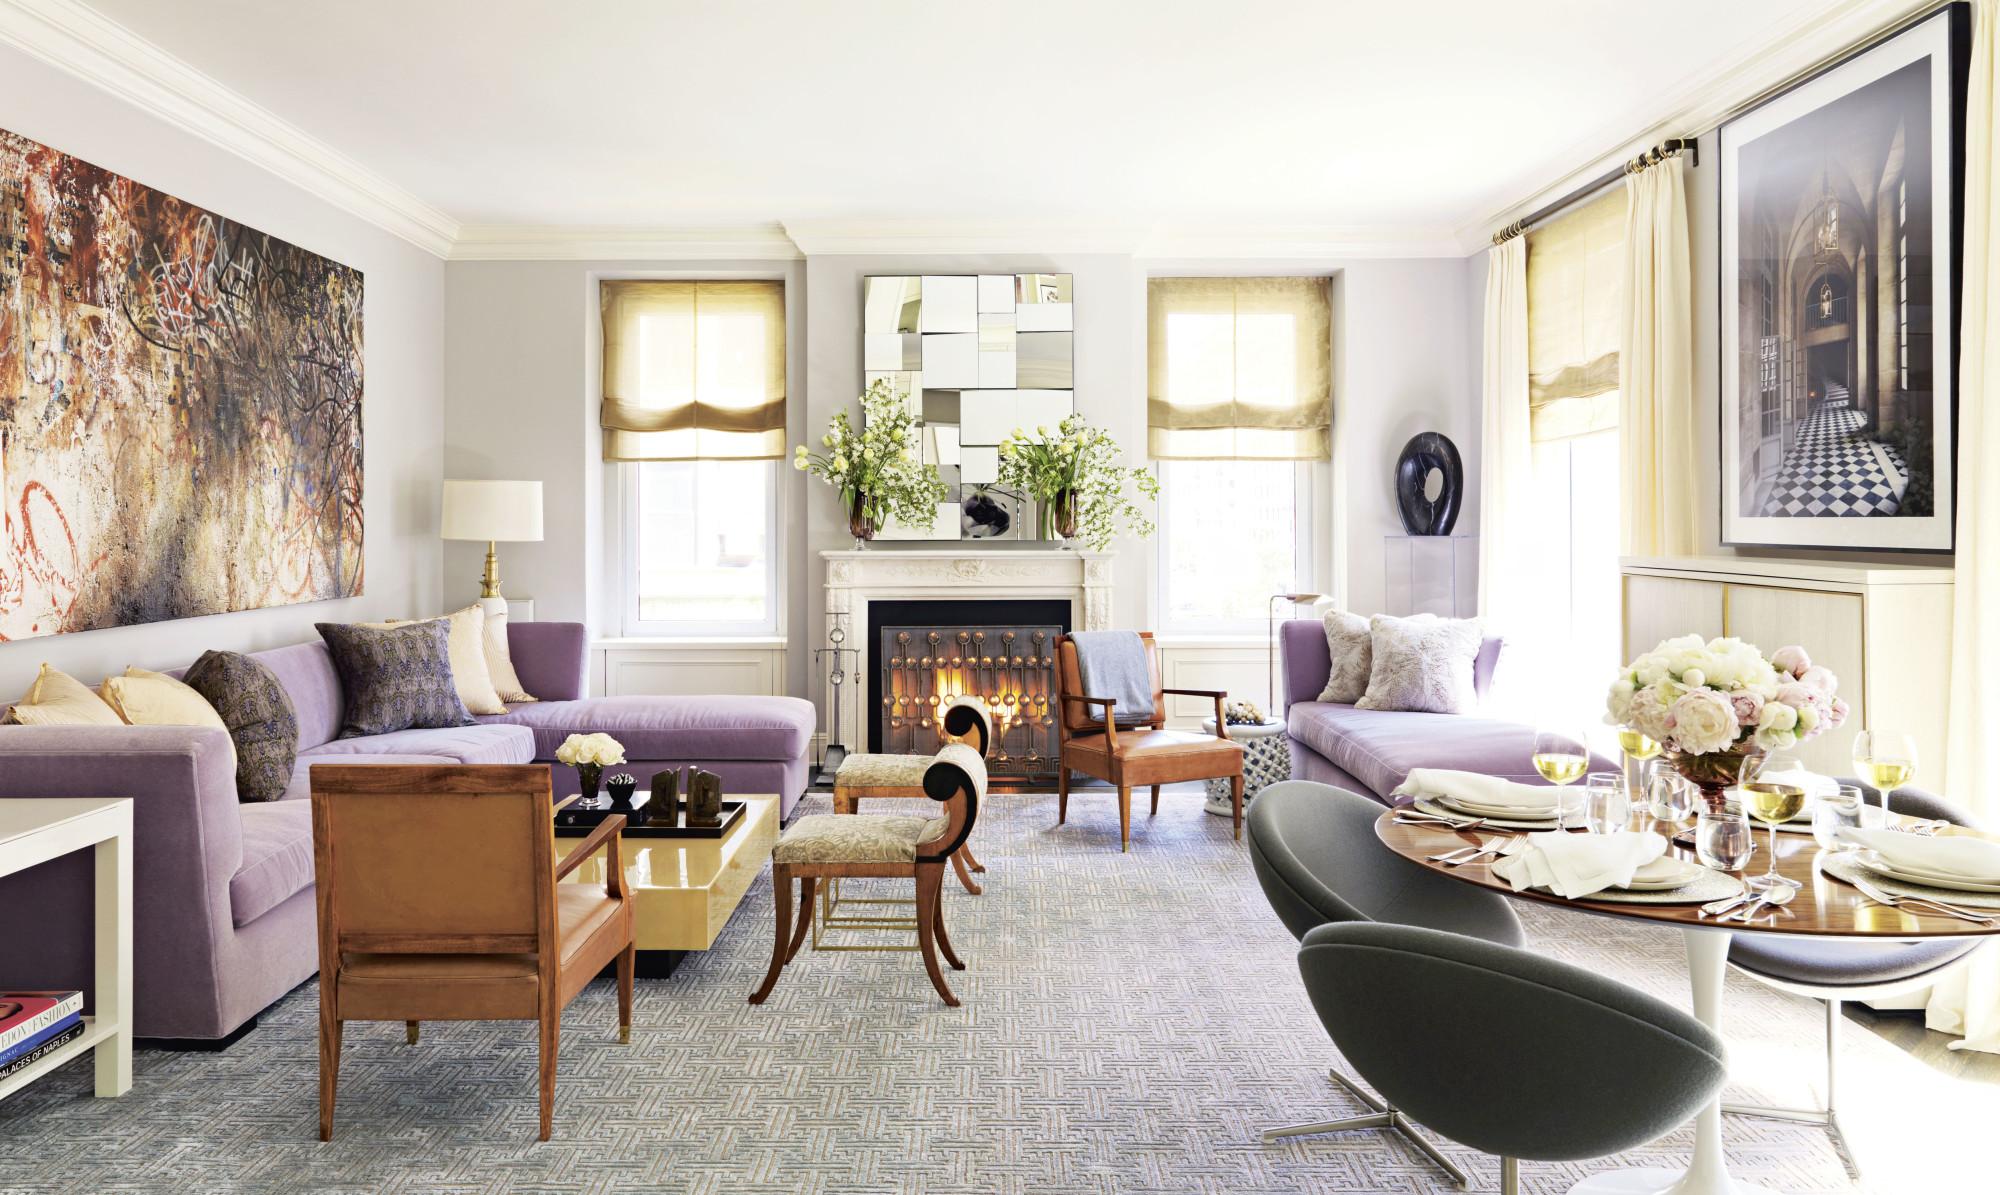 Tipps und Tricks für Ihr Zuhause: Callwey Blog